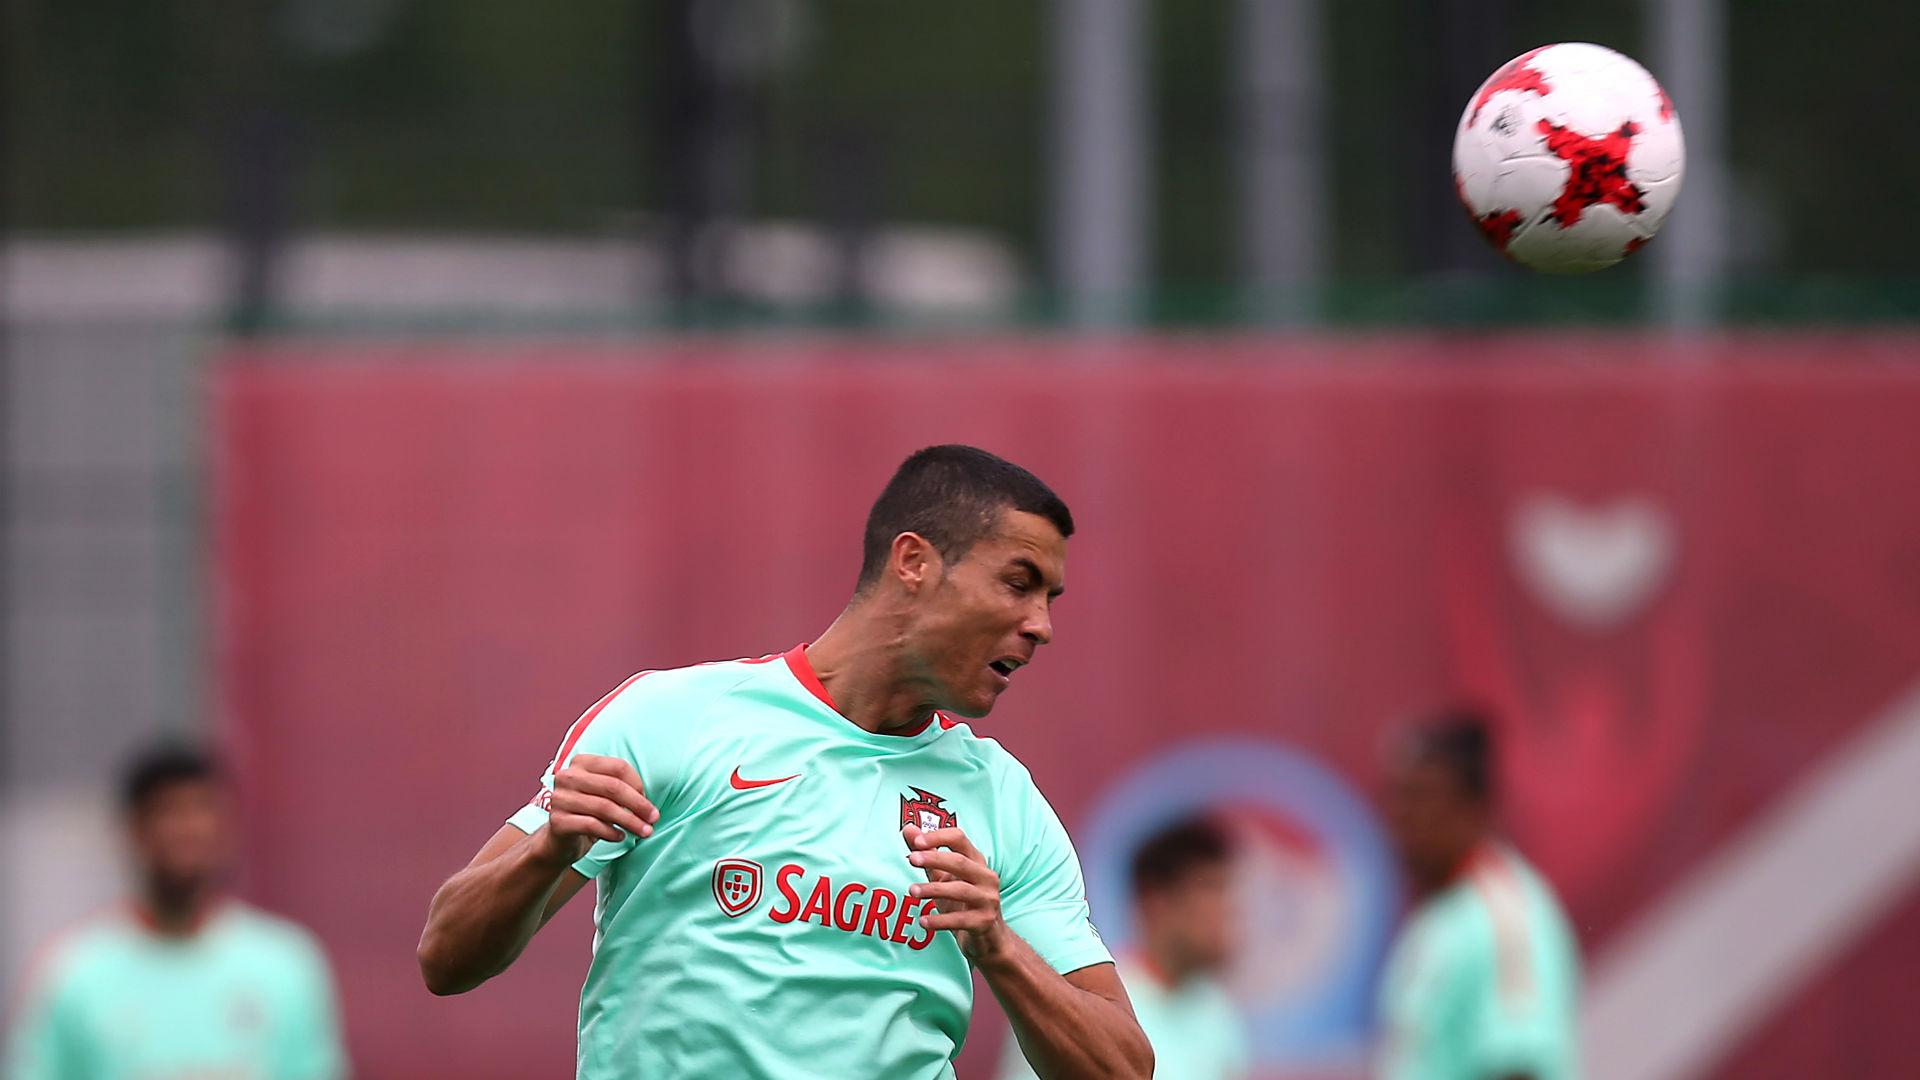 La nueva prueba reglamentaria que introducirá la FIFA en la Copa Confederaciones